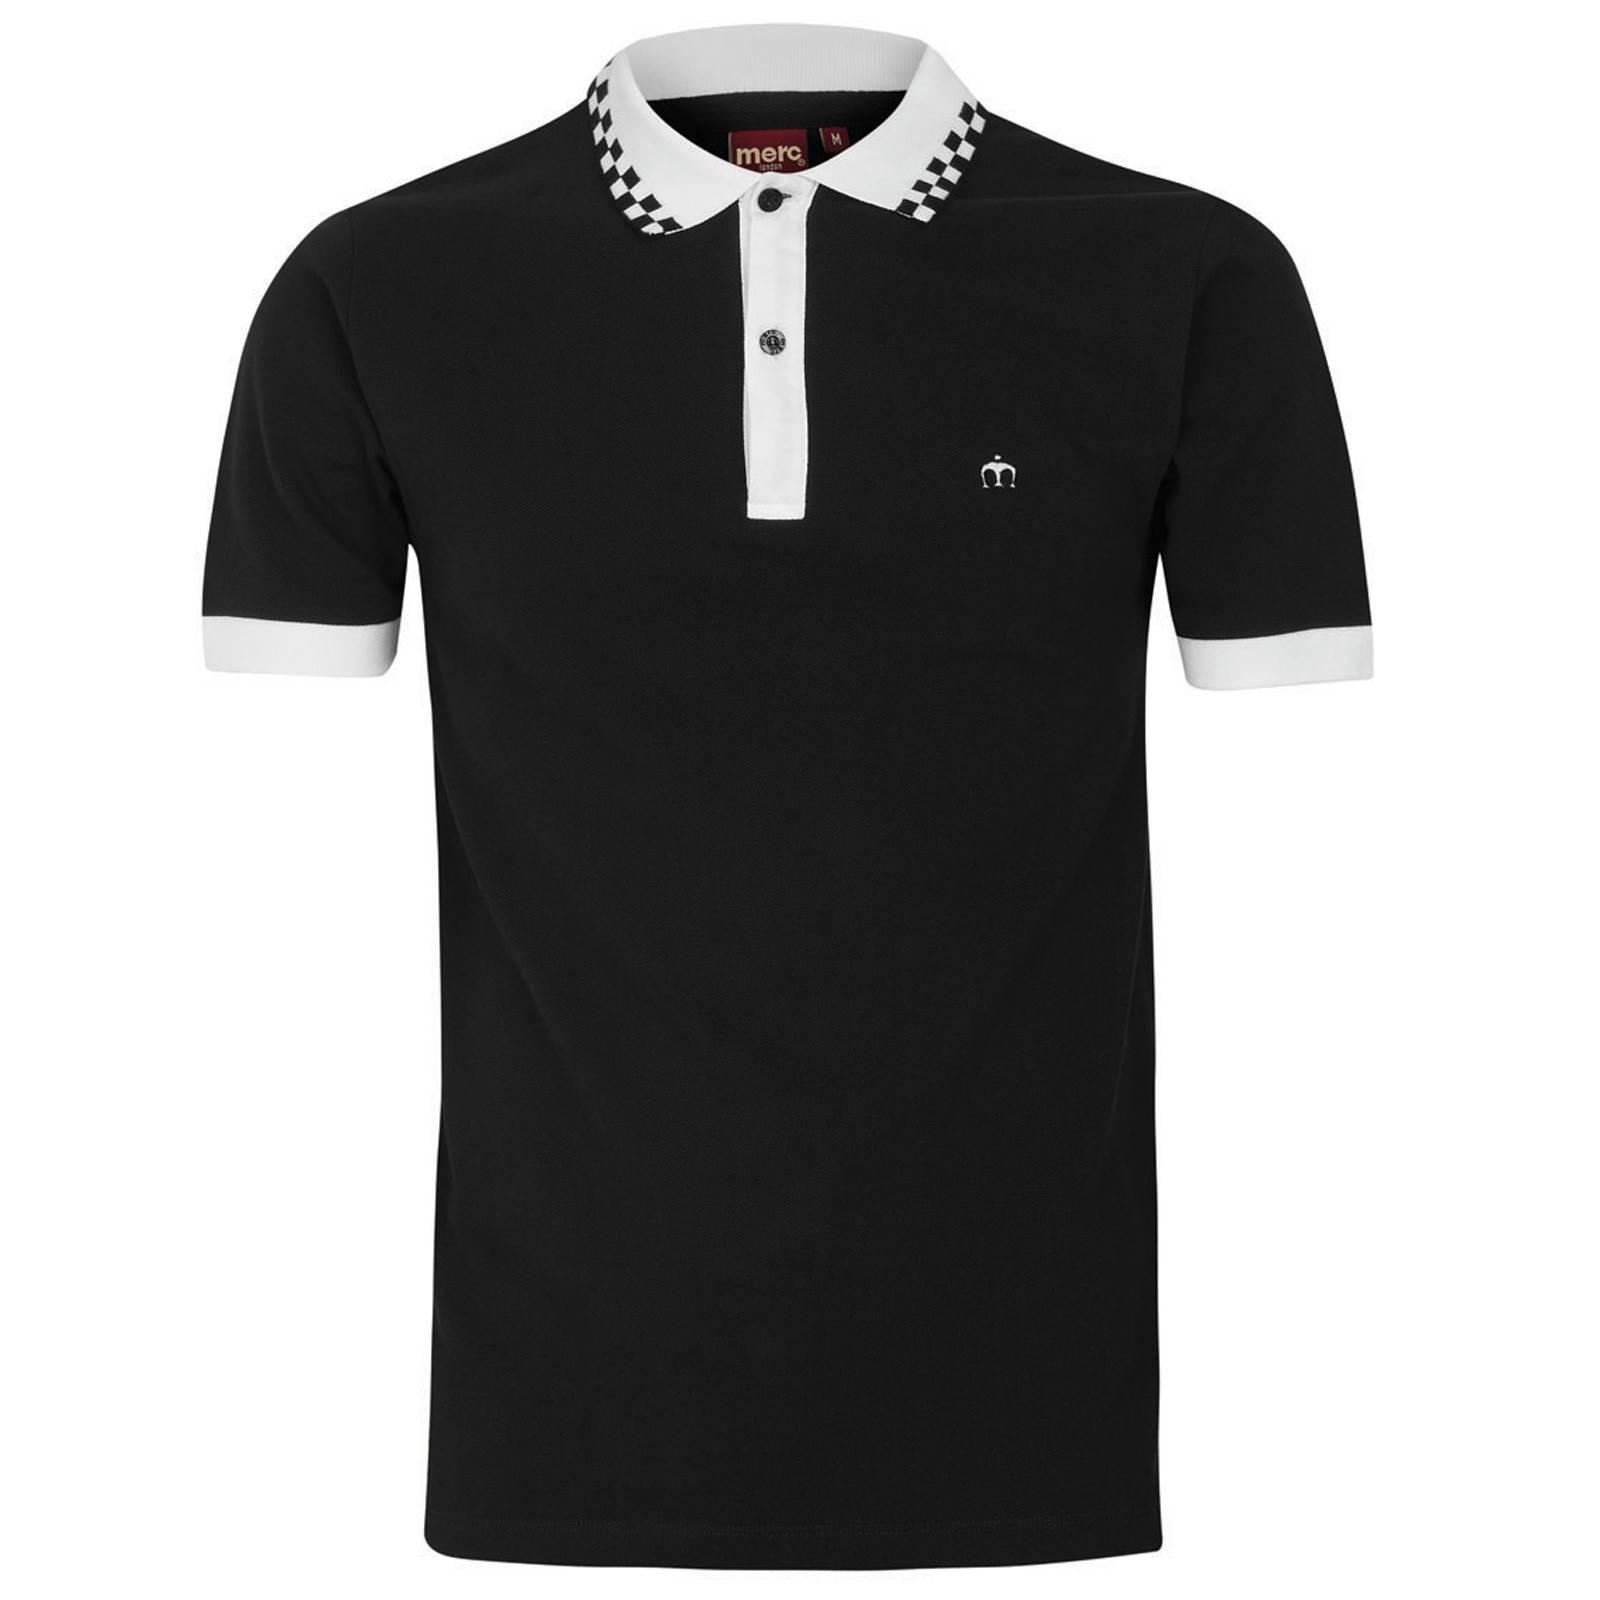 Рубашка Поло NovaПоло под заказ<br><br><br>Артикул: 1912203<br>Материал: 100% хлопок<br>Цвет: черный<br>Пол: Мужской